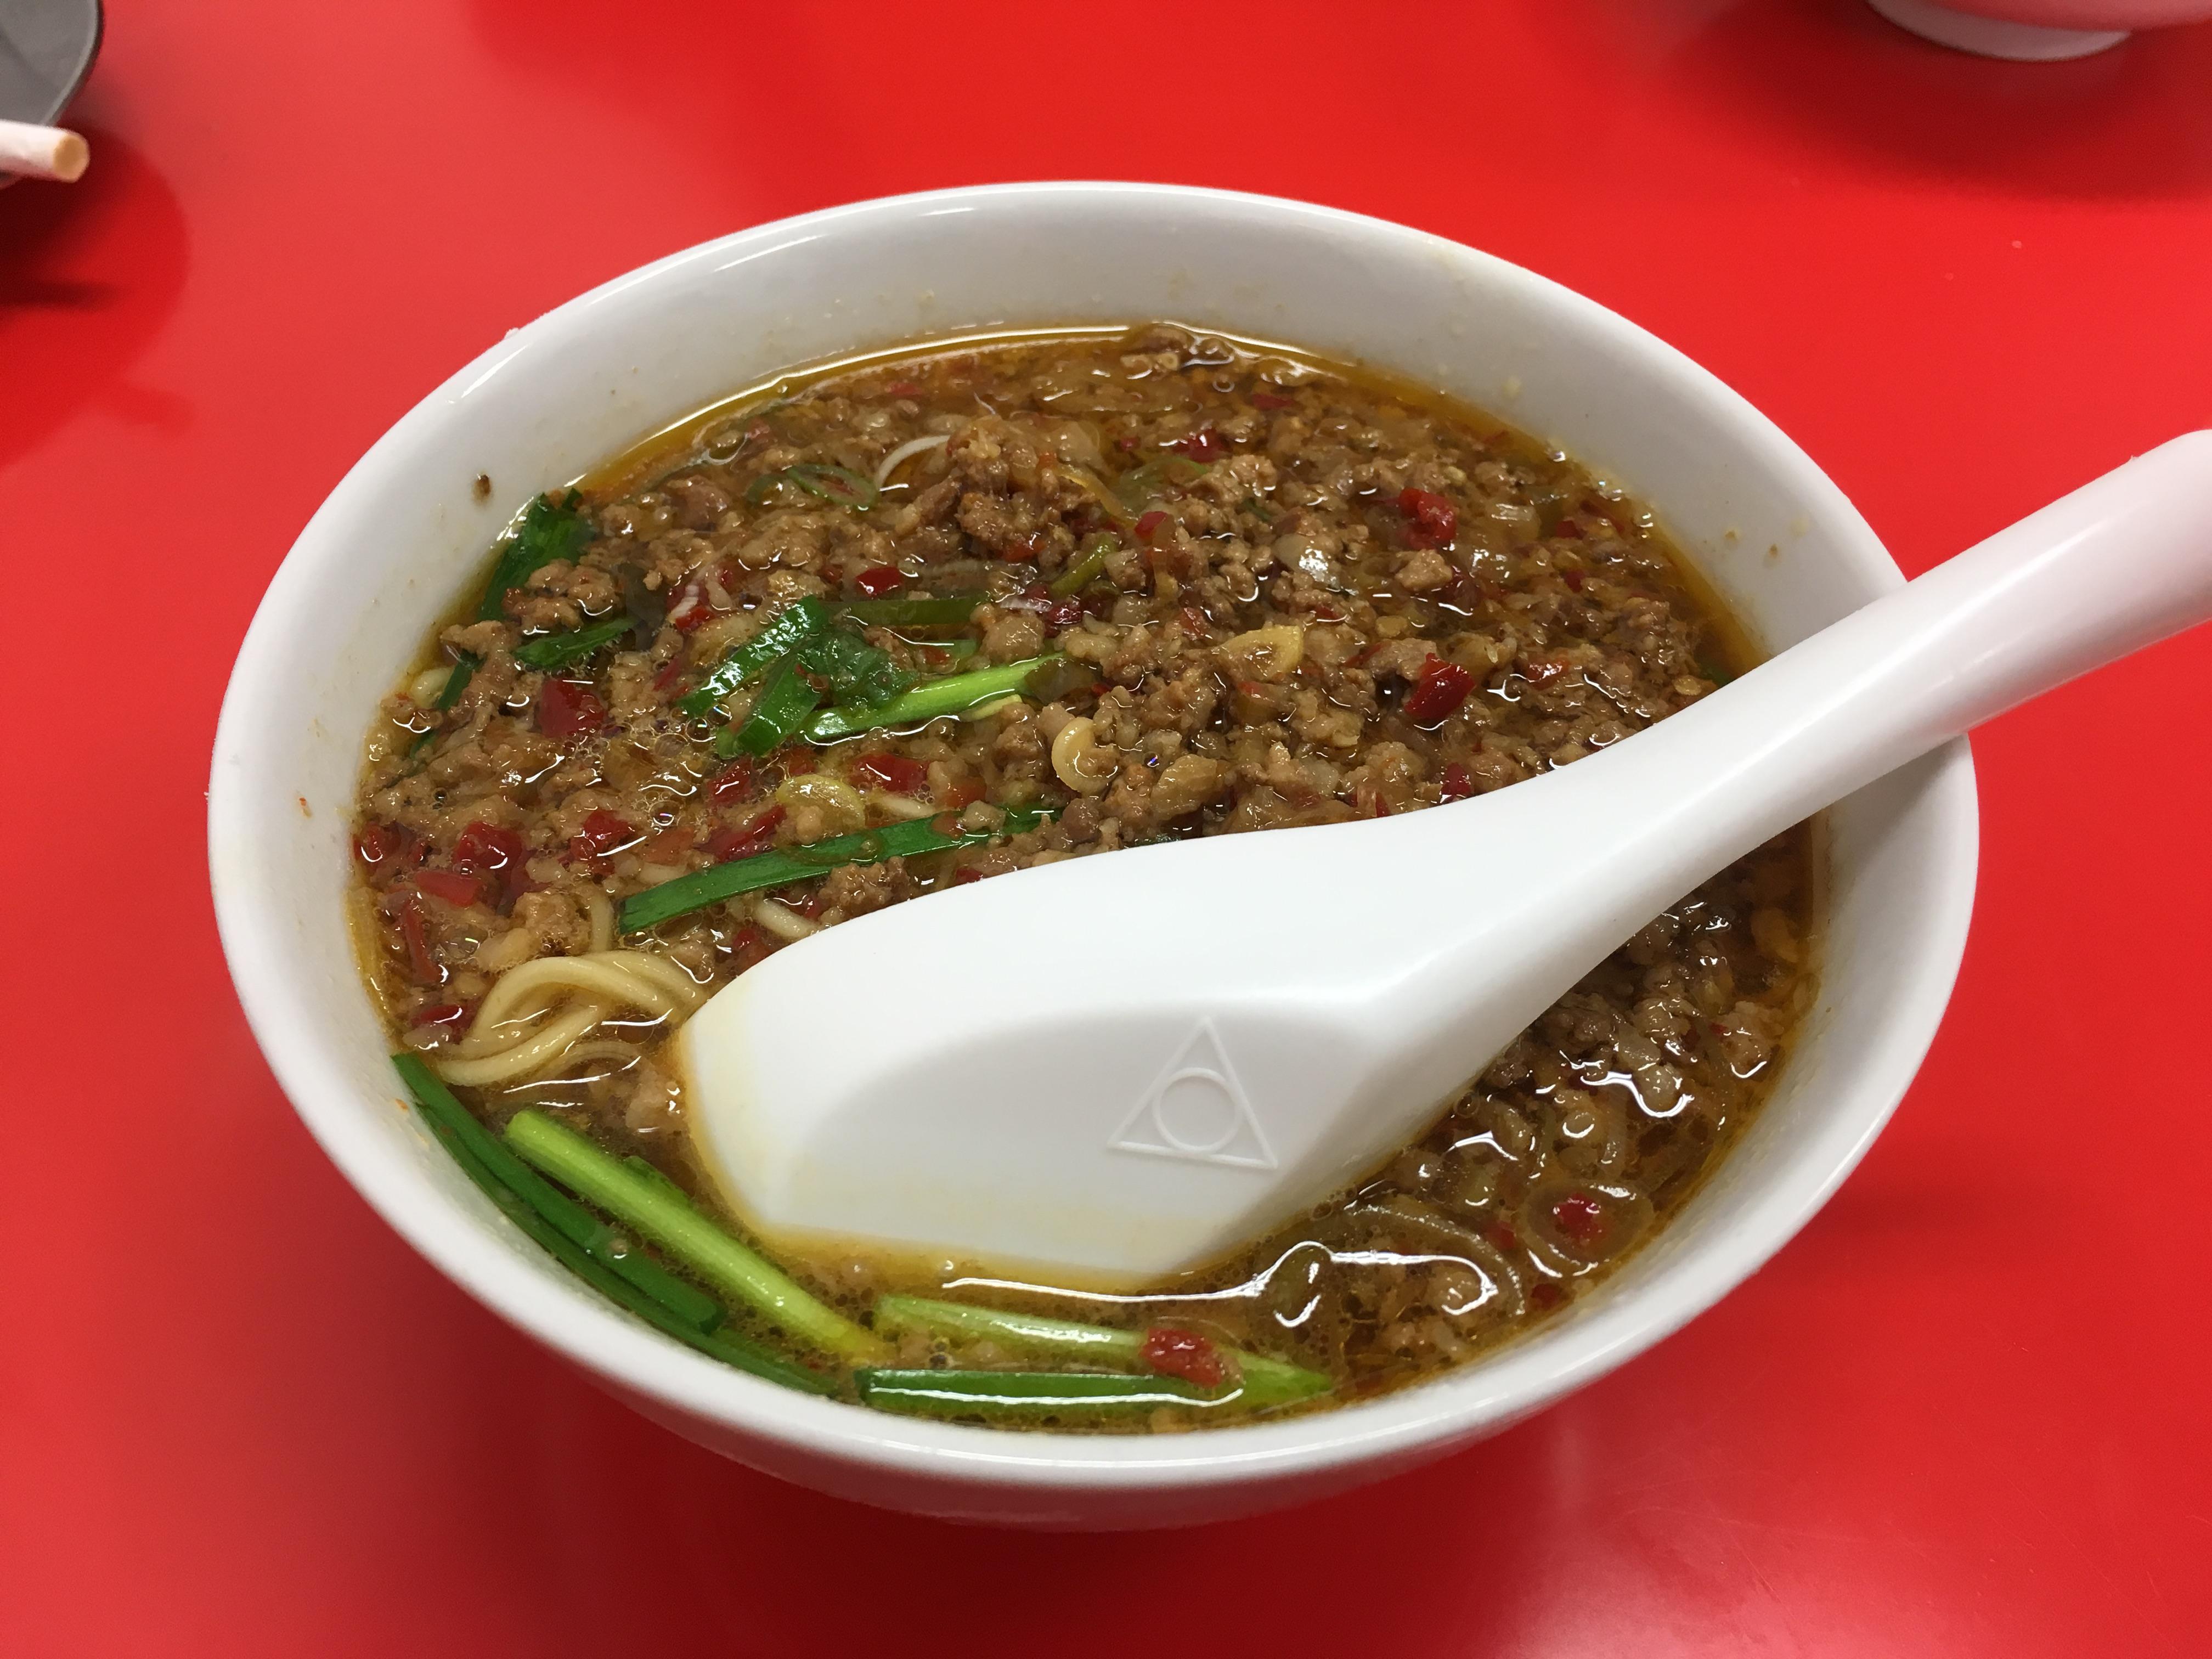 中国台湾料理味仙 名古屋駅前店(名古屋市/台湾料理)